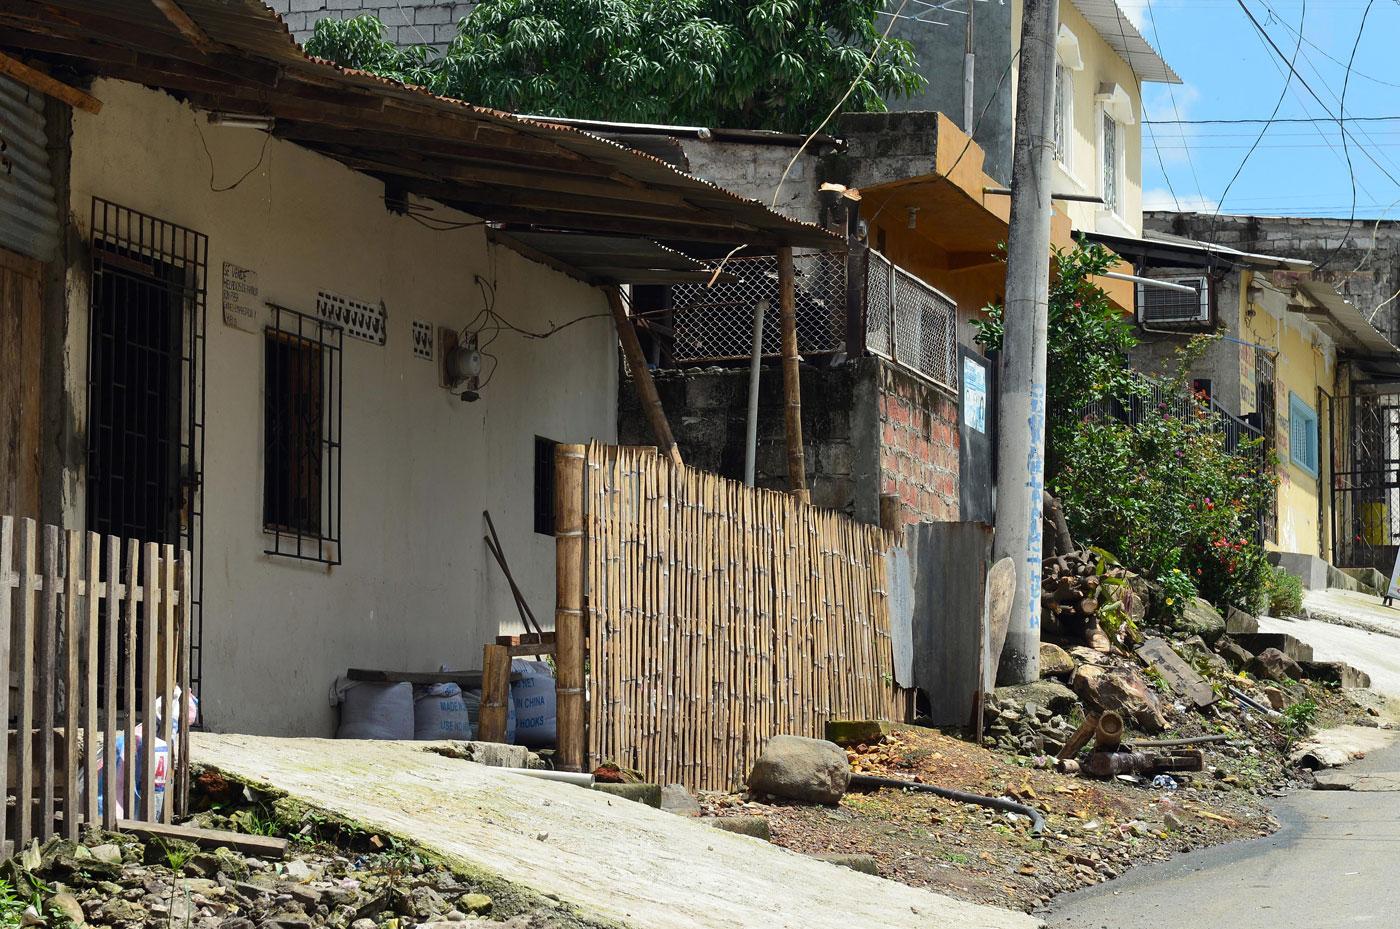 A esta casa, ubicada en la popular cooperativa Paraíso de la Flor, al noroeste de Guayaquil, llegó la Policía para verificar la existencia de cultivos de zanahoria para exportaciones hacia Venezuela.Foto publicada por El Universo.